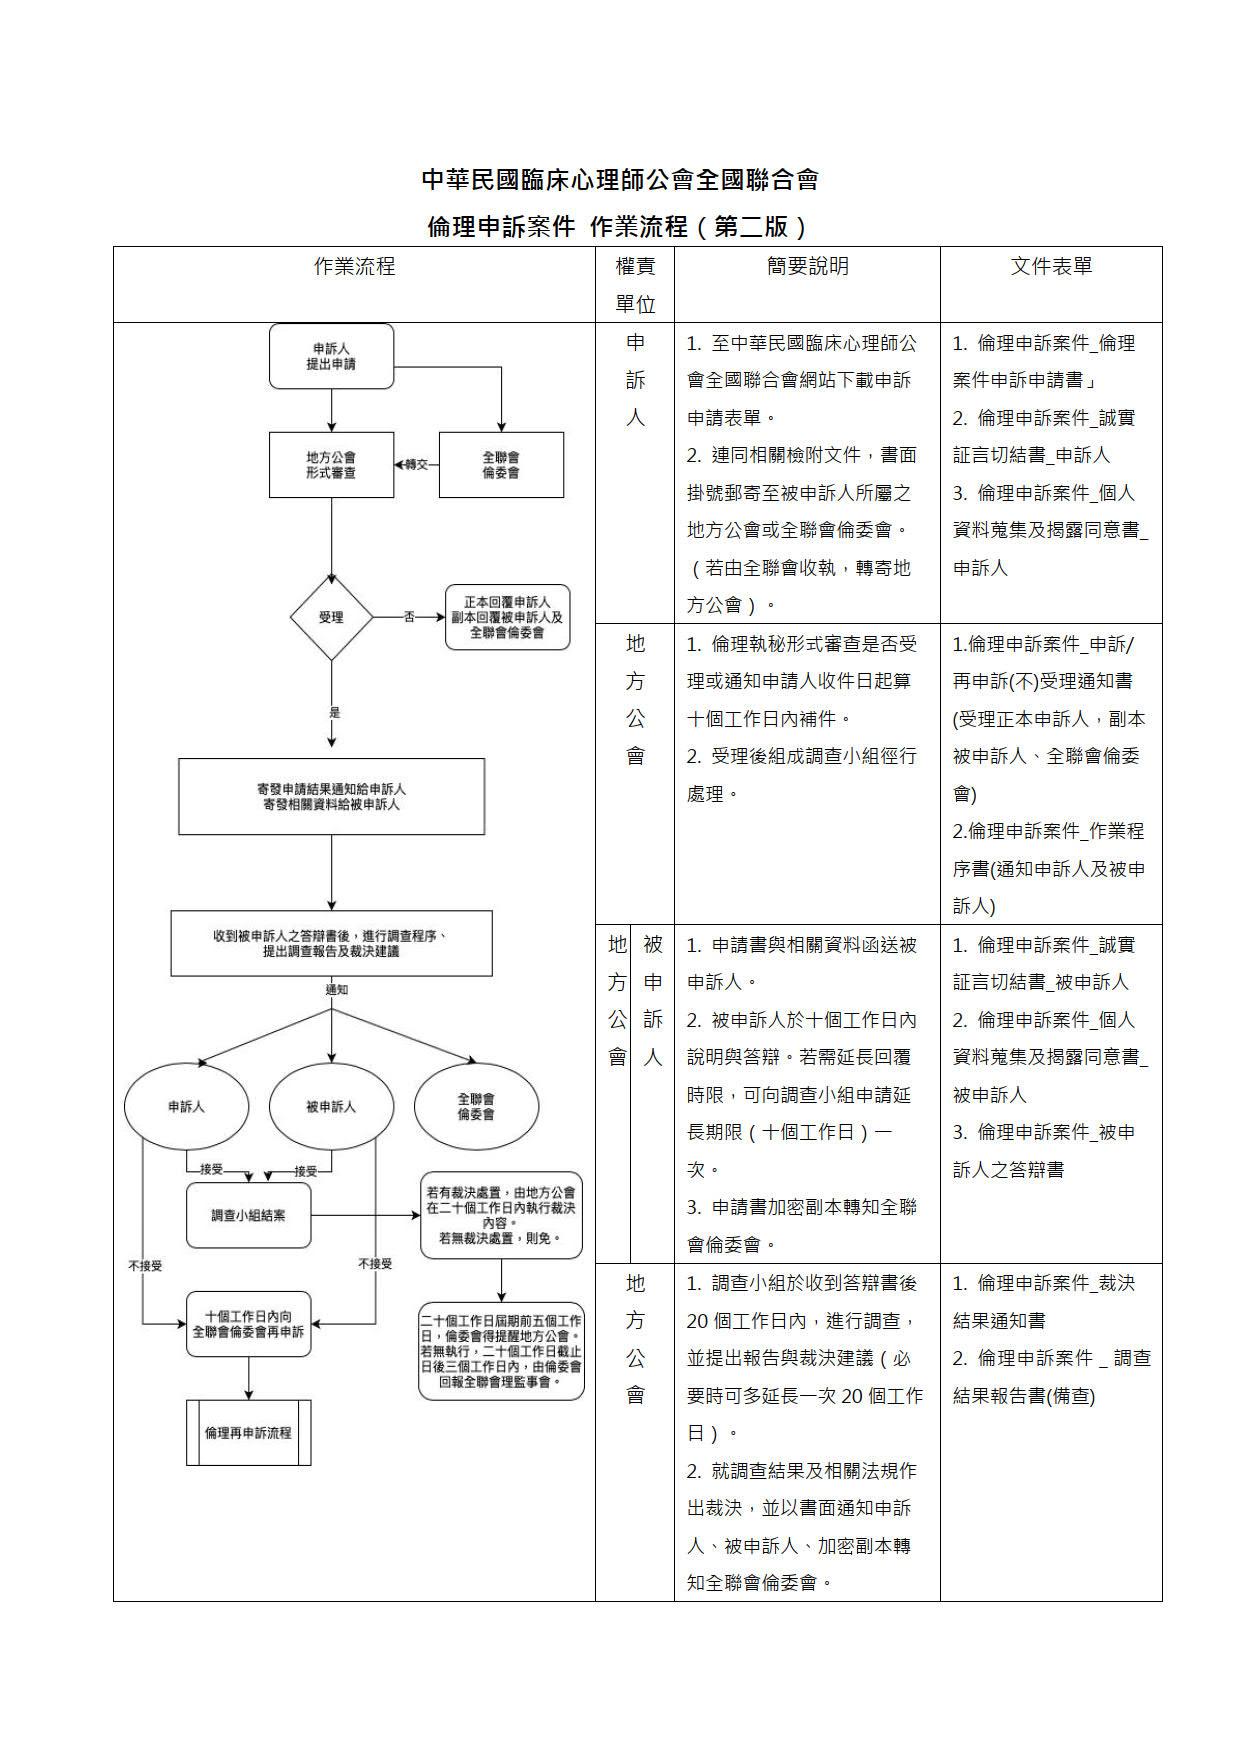 倫理申訴流程_3.jpg